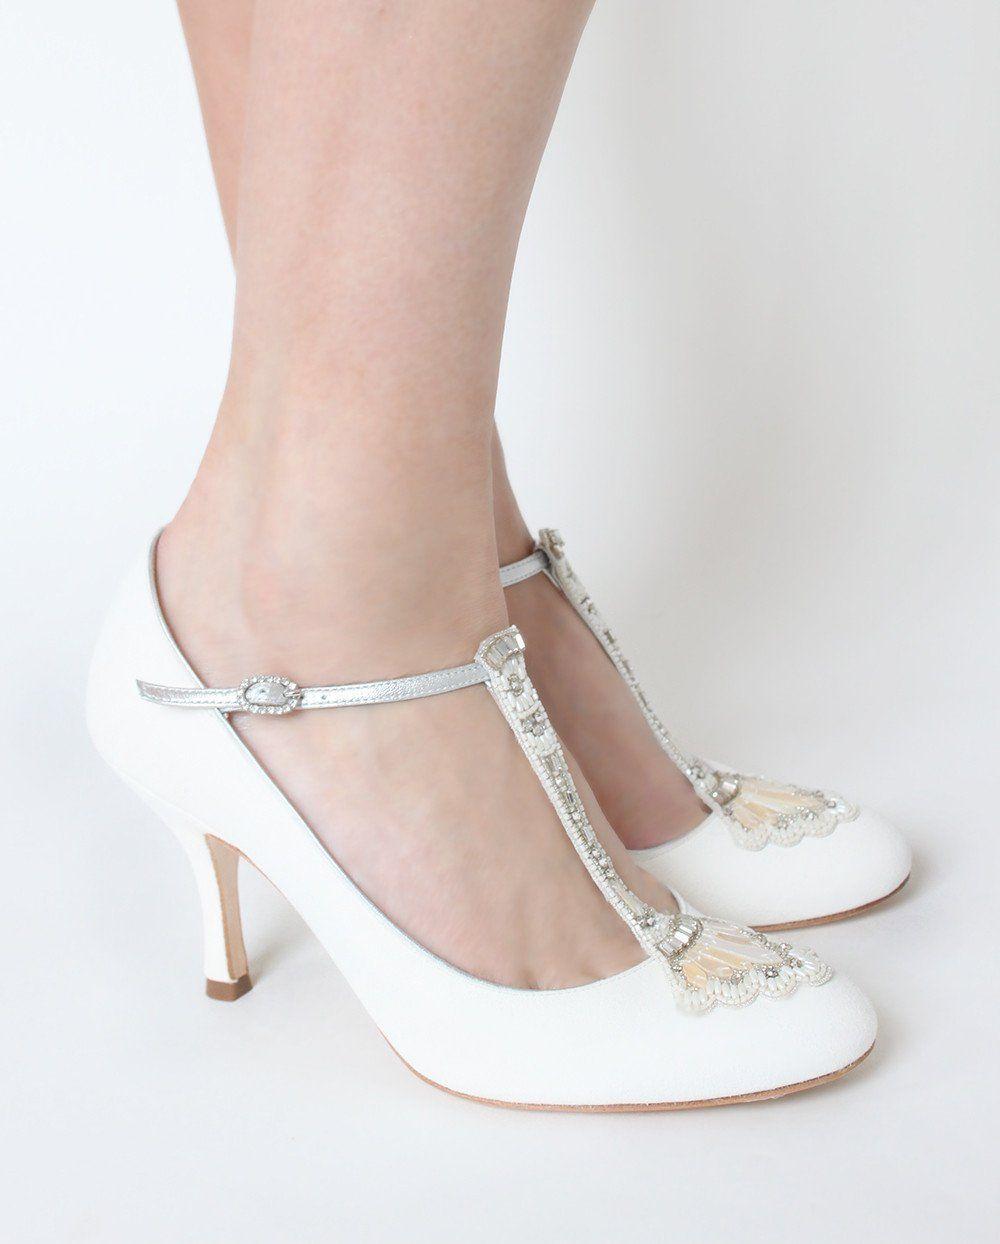 dae8d51ef Eva - Bridal Shoe - Ivory Kid Suede - Mid Heel - Court Shoe - Mother ...